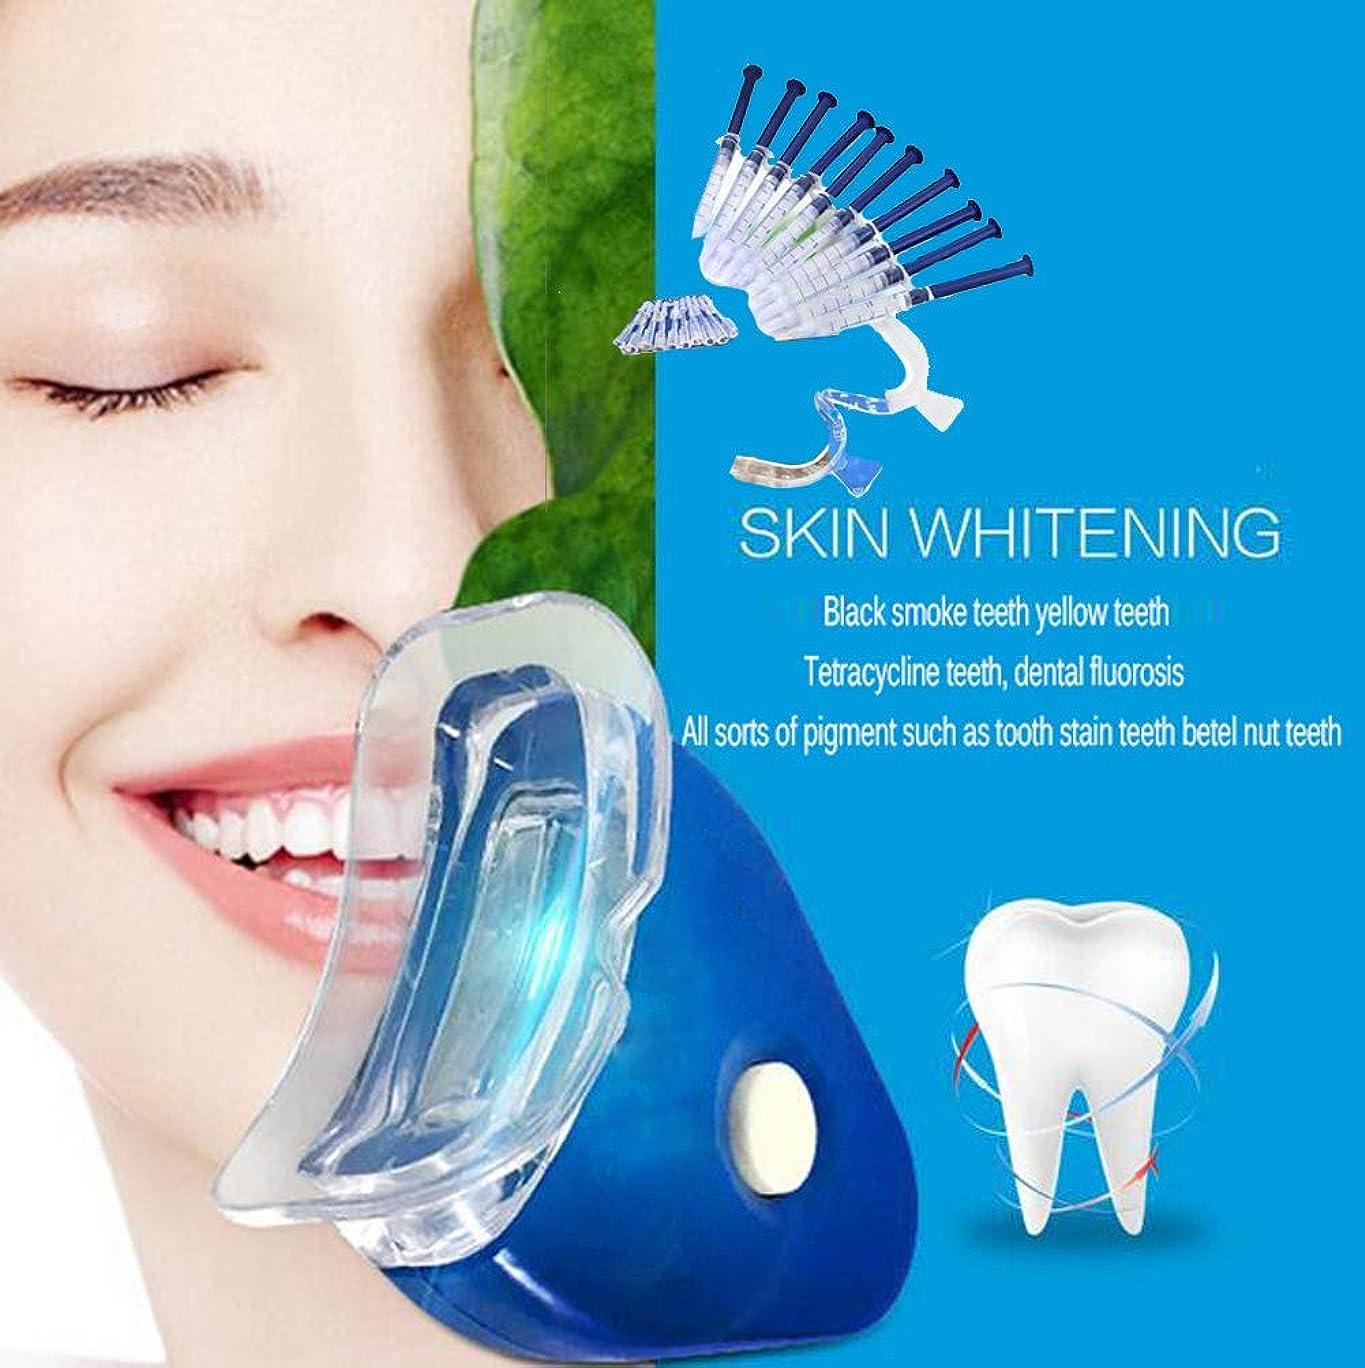 輸血制限する手がかりキットホワイトニングキットオーラルケア歯科用機器キットシステム歯シェードガイド歯ホワイトニングデンタルトレイ